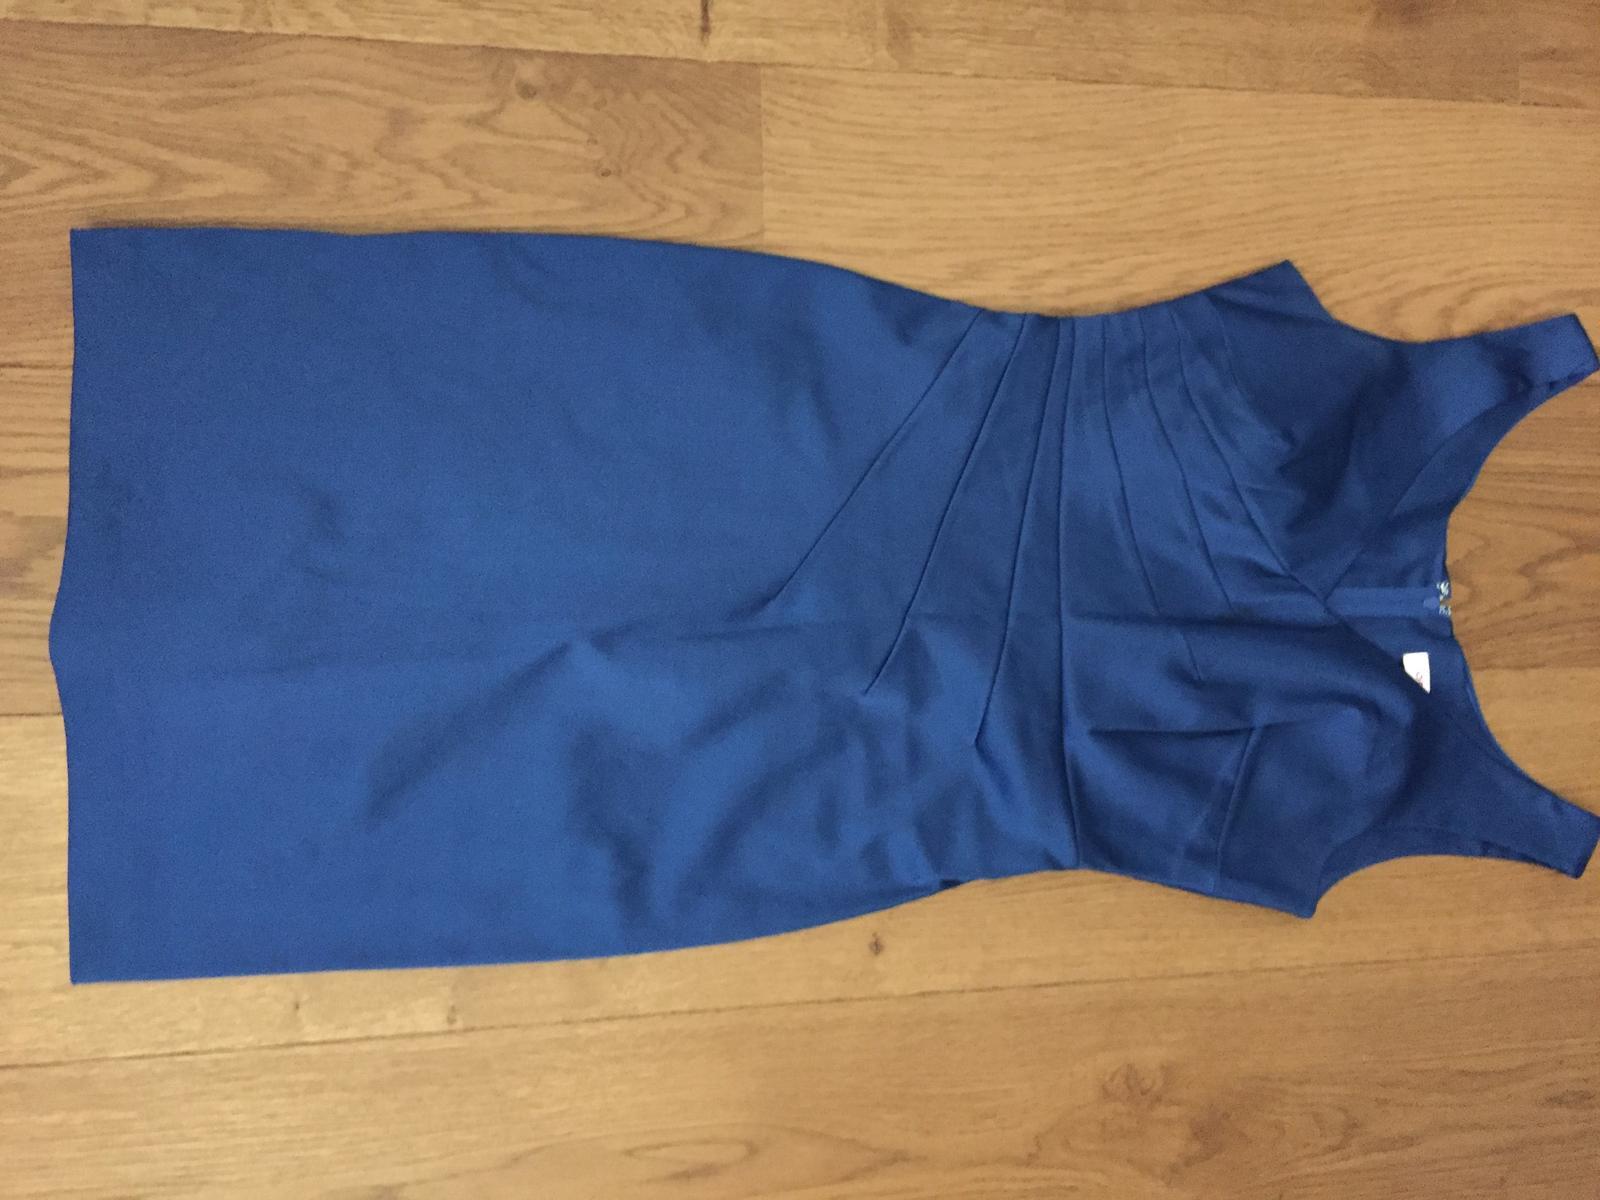 Spoločenské šaty Orsay S - Obrázok č. 1